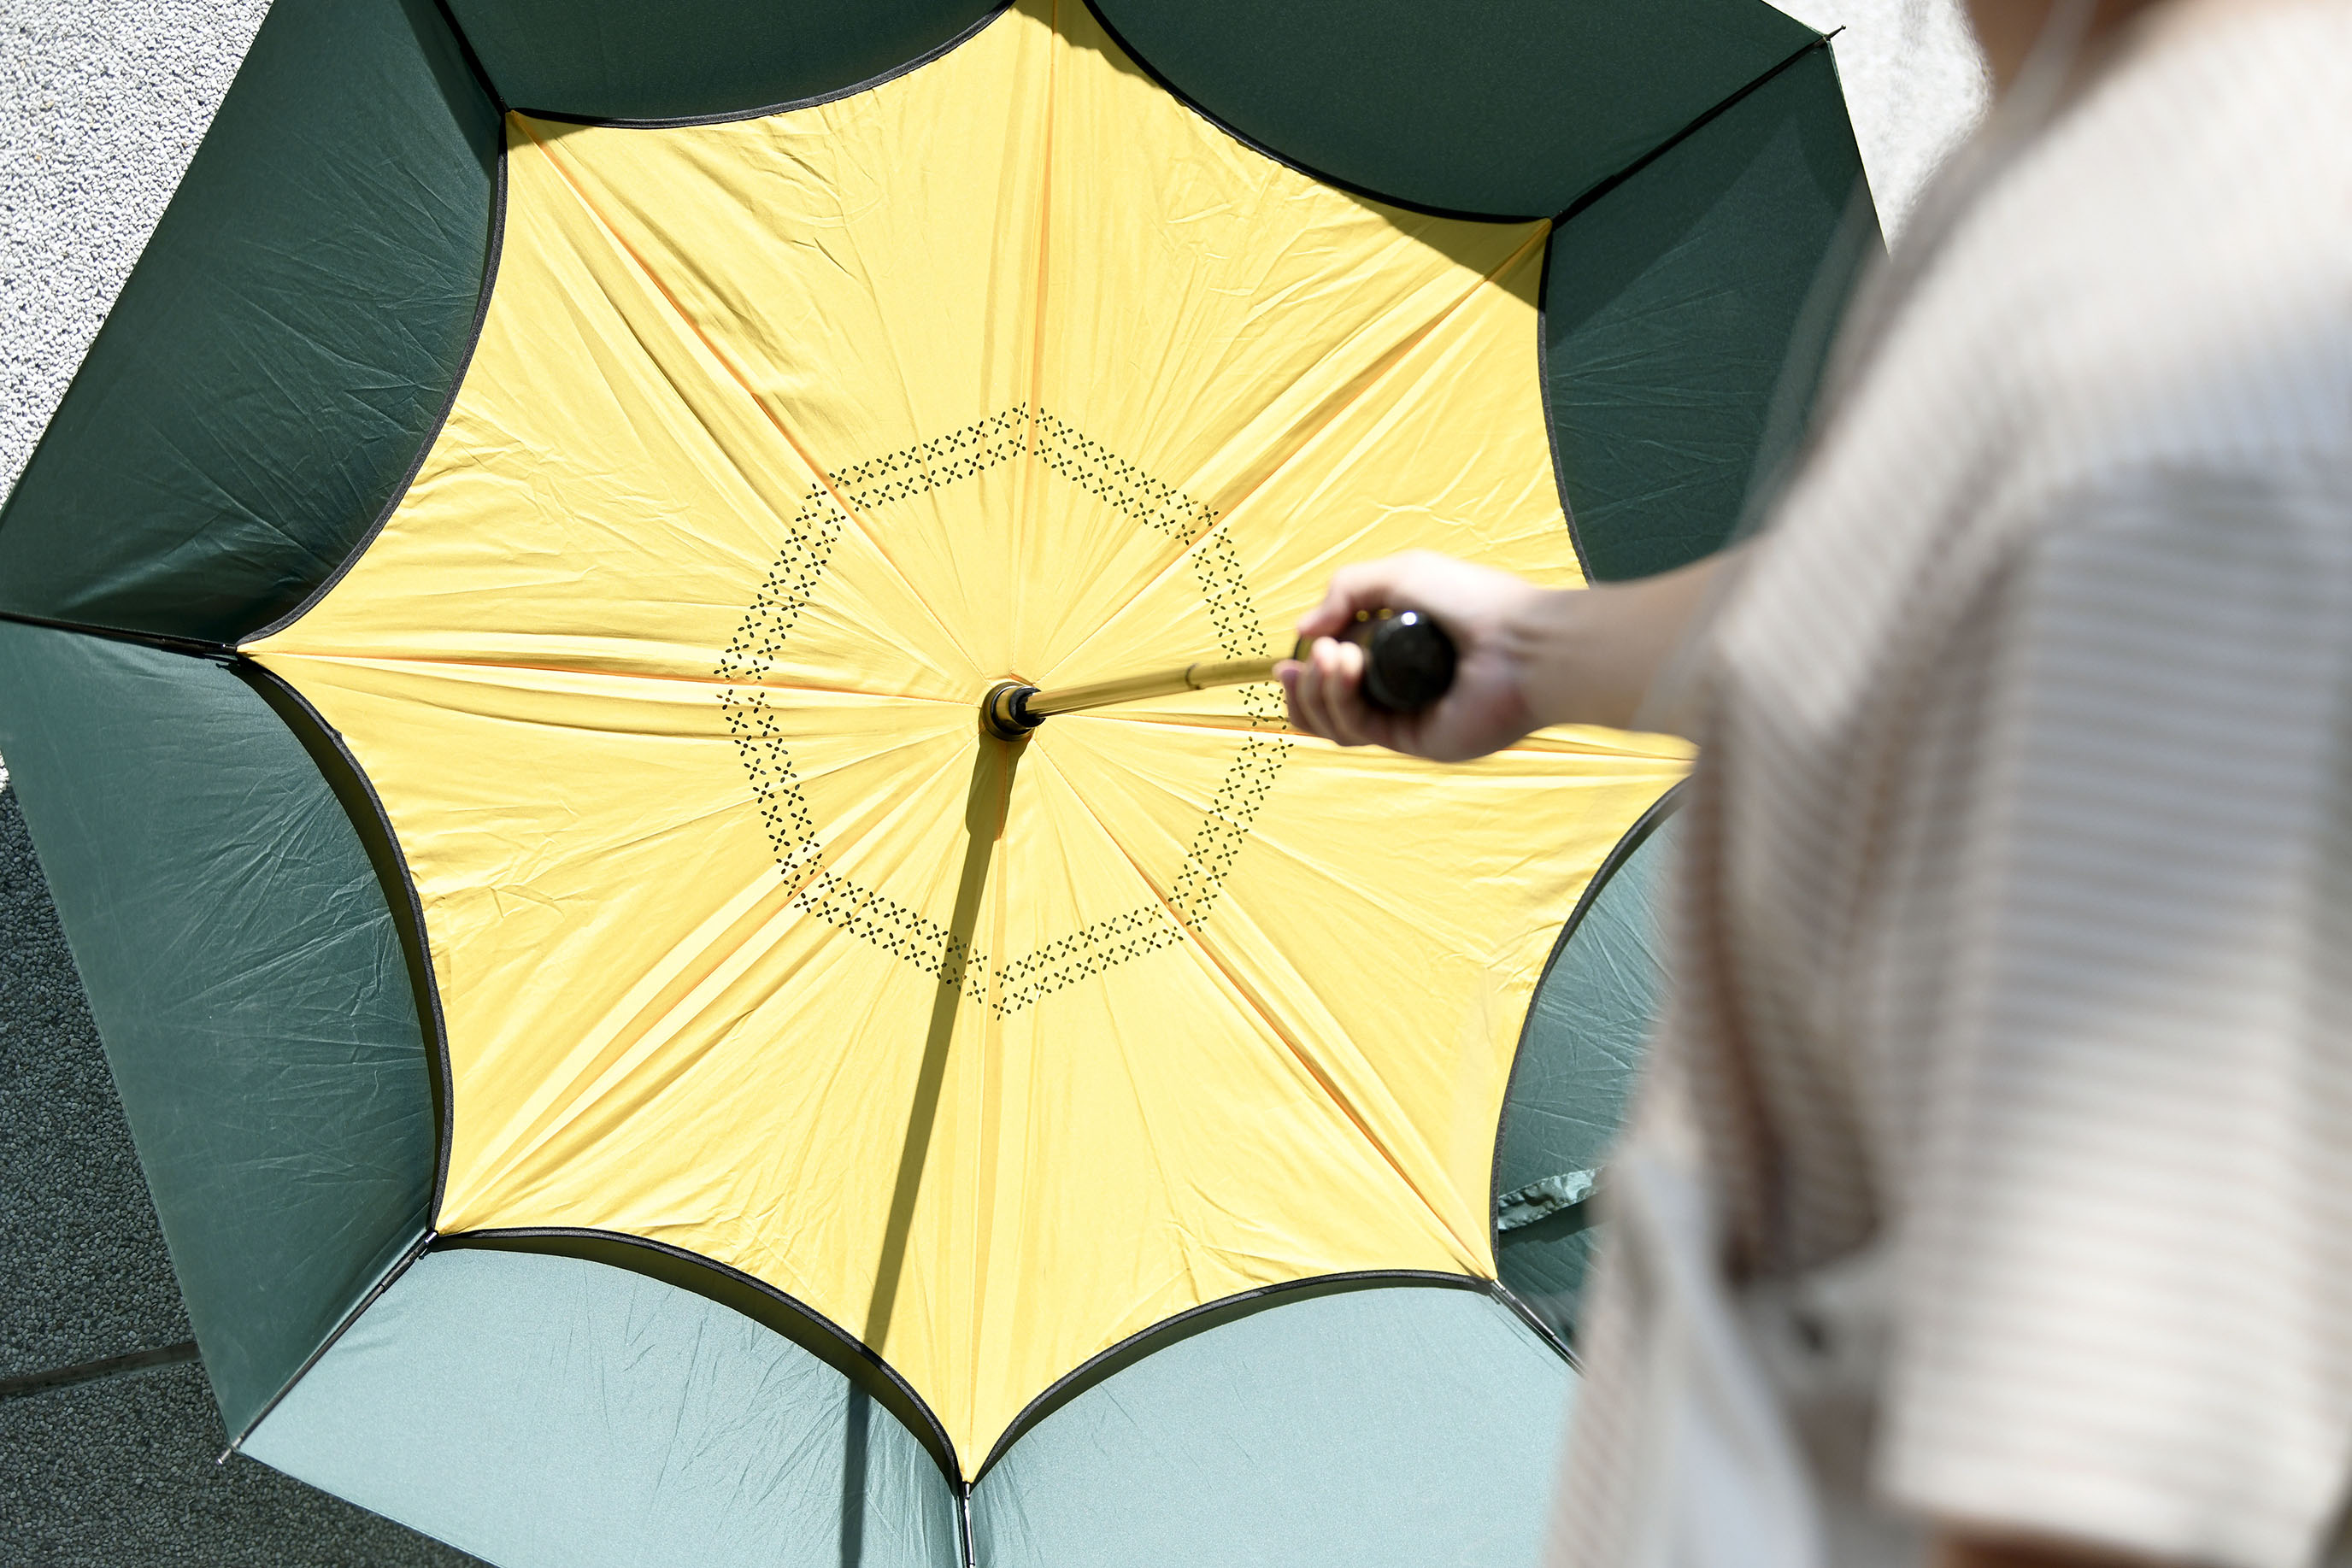 二折反向傘